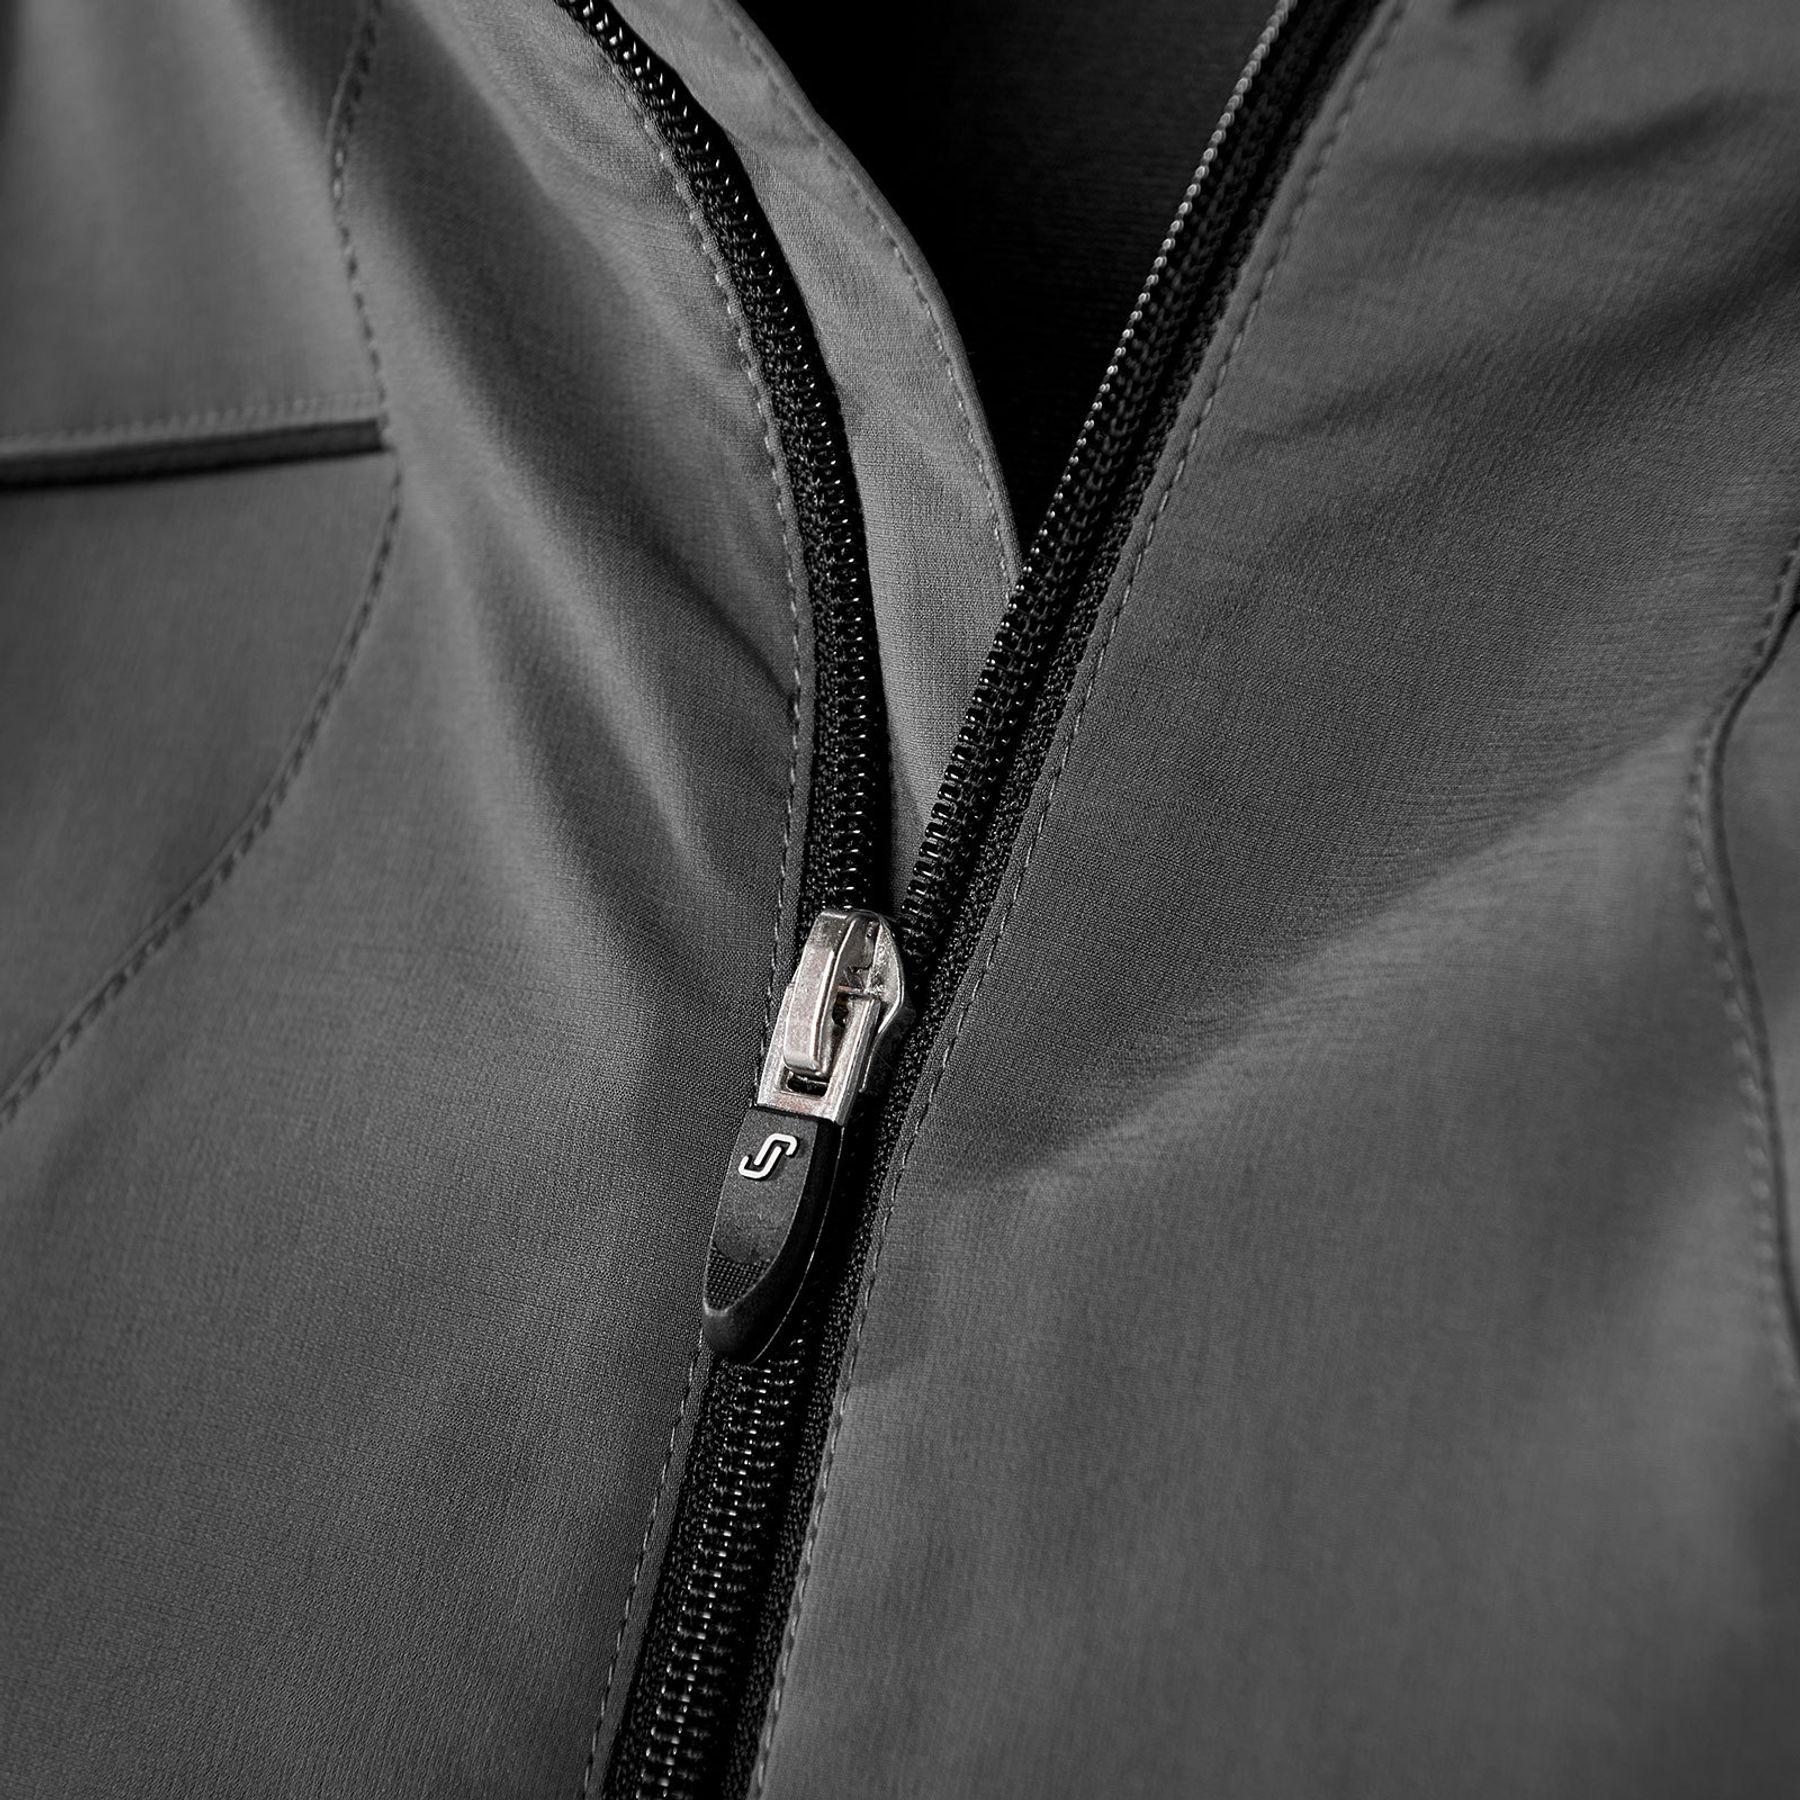 Joy - Herren Sport und Freizeit Jacke aus Stretch-Gewebe, Keith (40184) – Bild 4